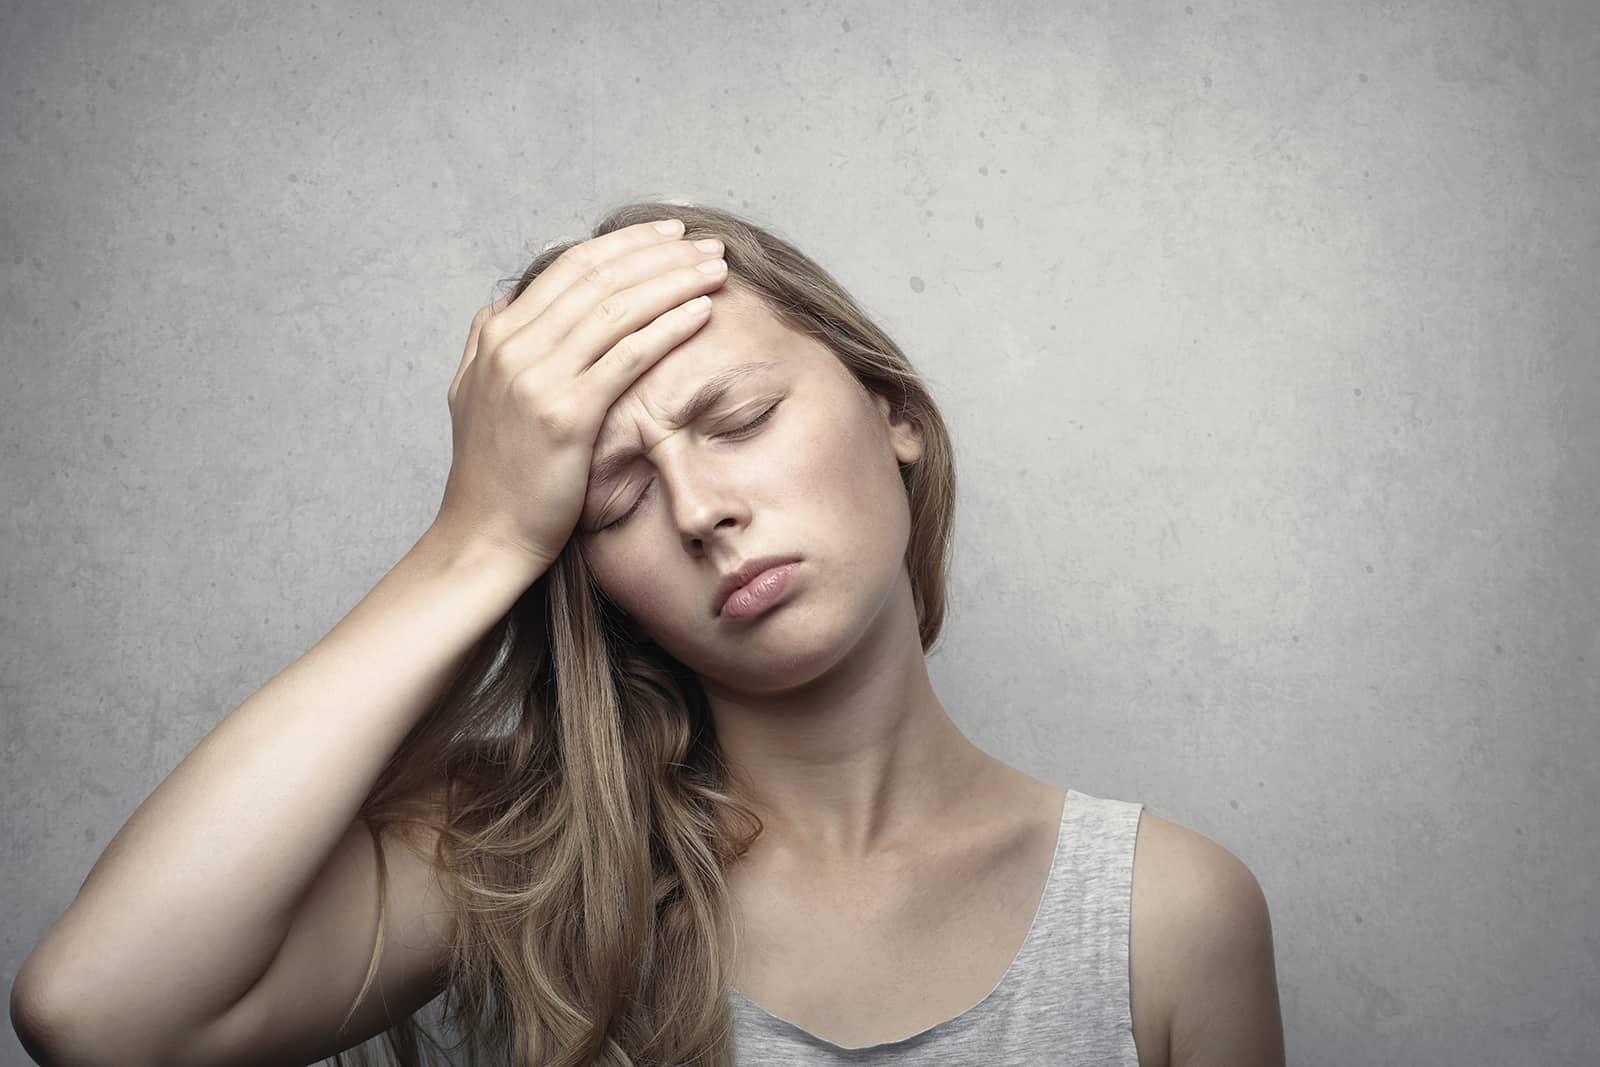 eine Frau mit Migräne die Stirn mit einer Hand berühren